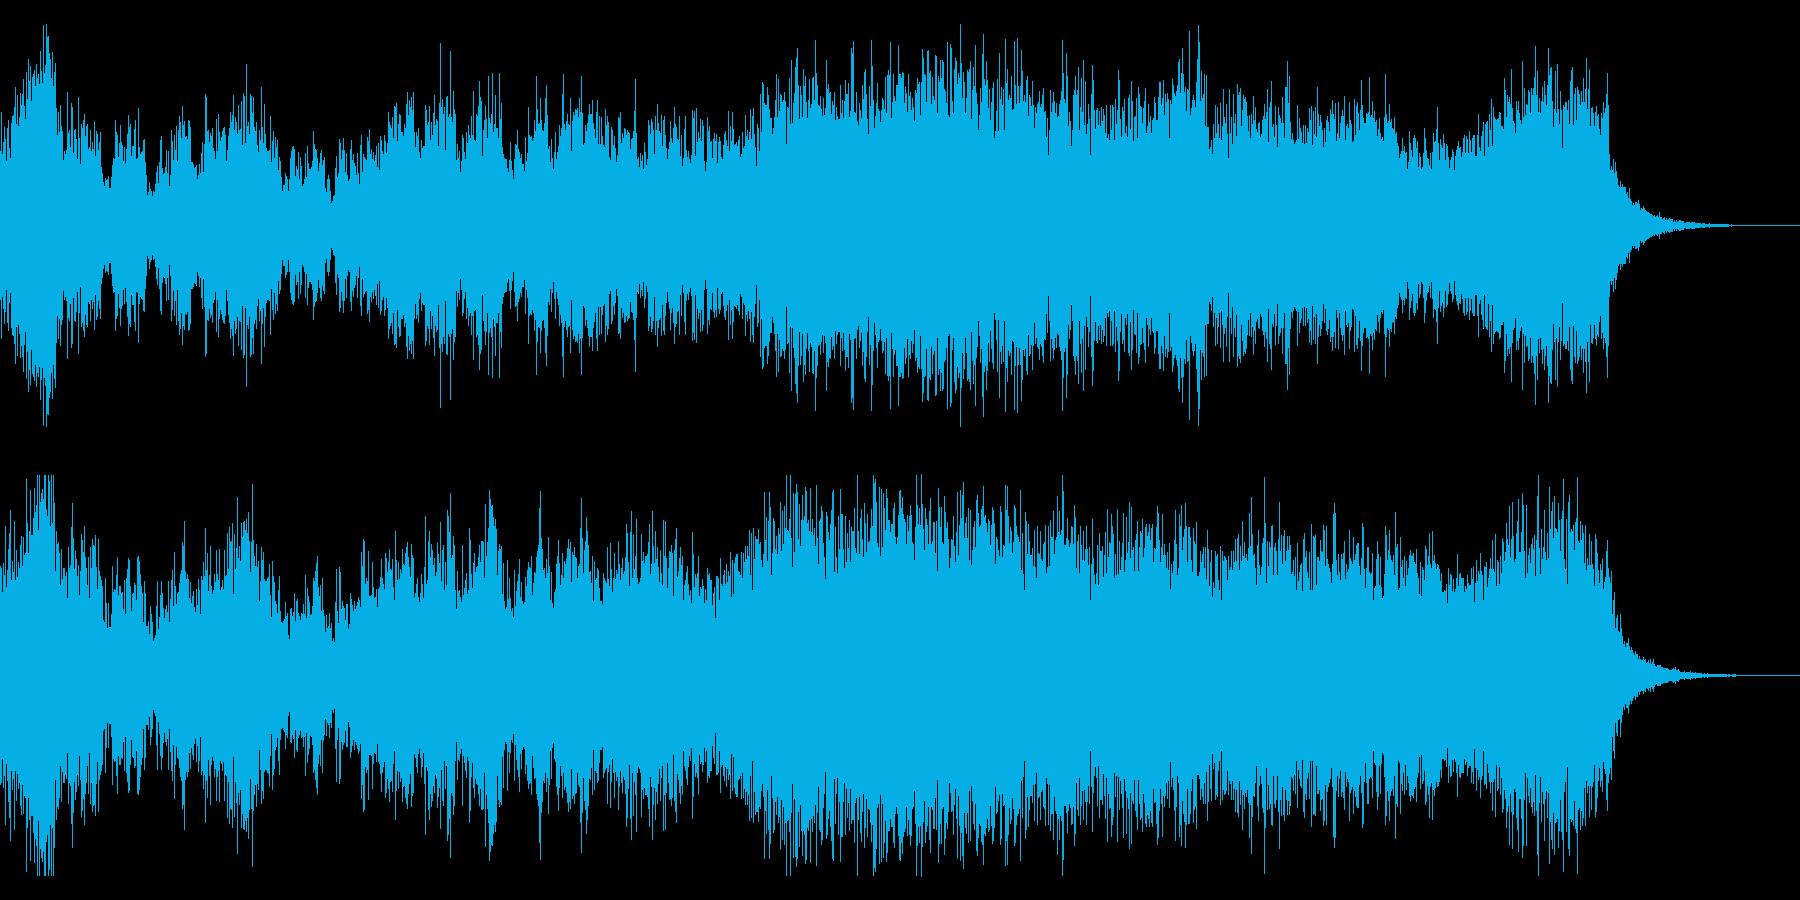 幻想的、ダークで重厚な合唱BGMの再生済みの波形